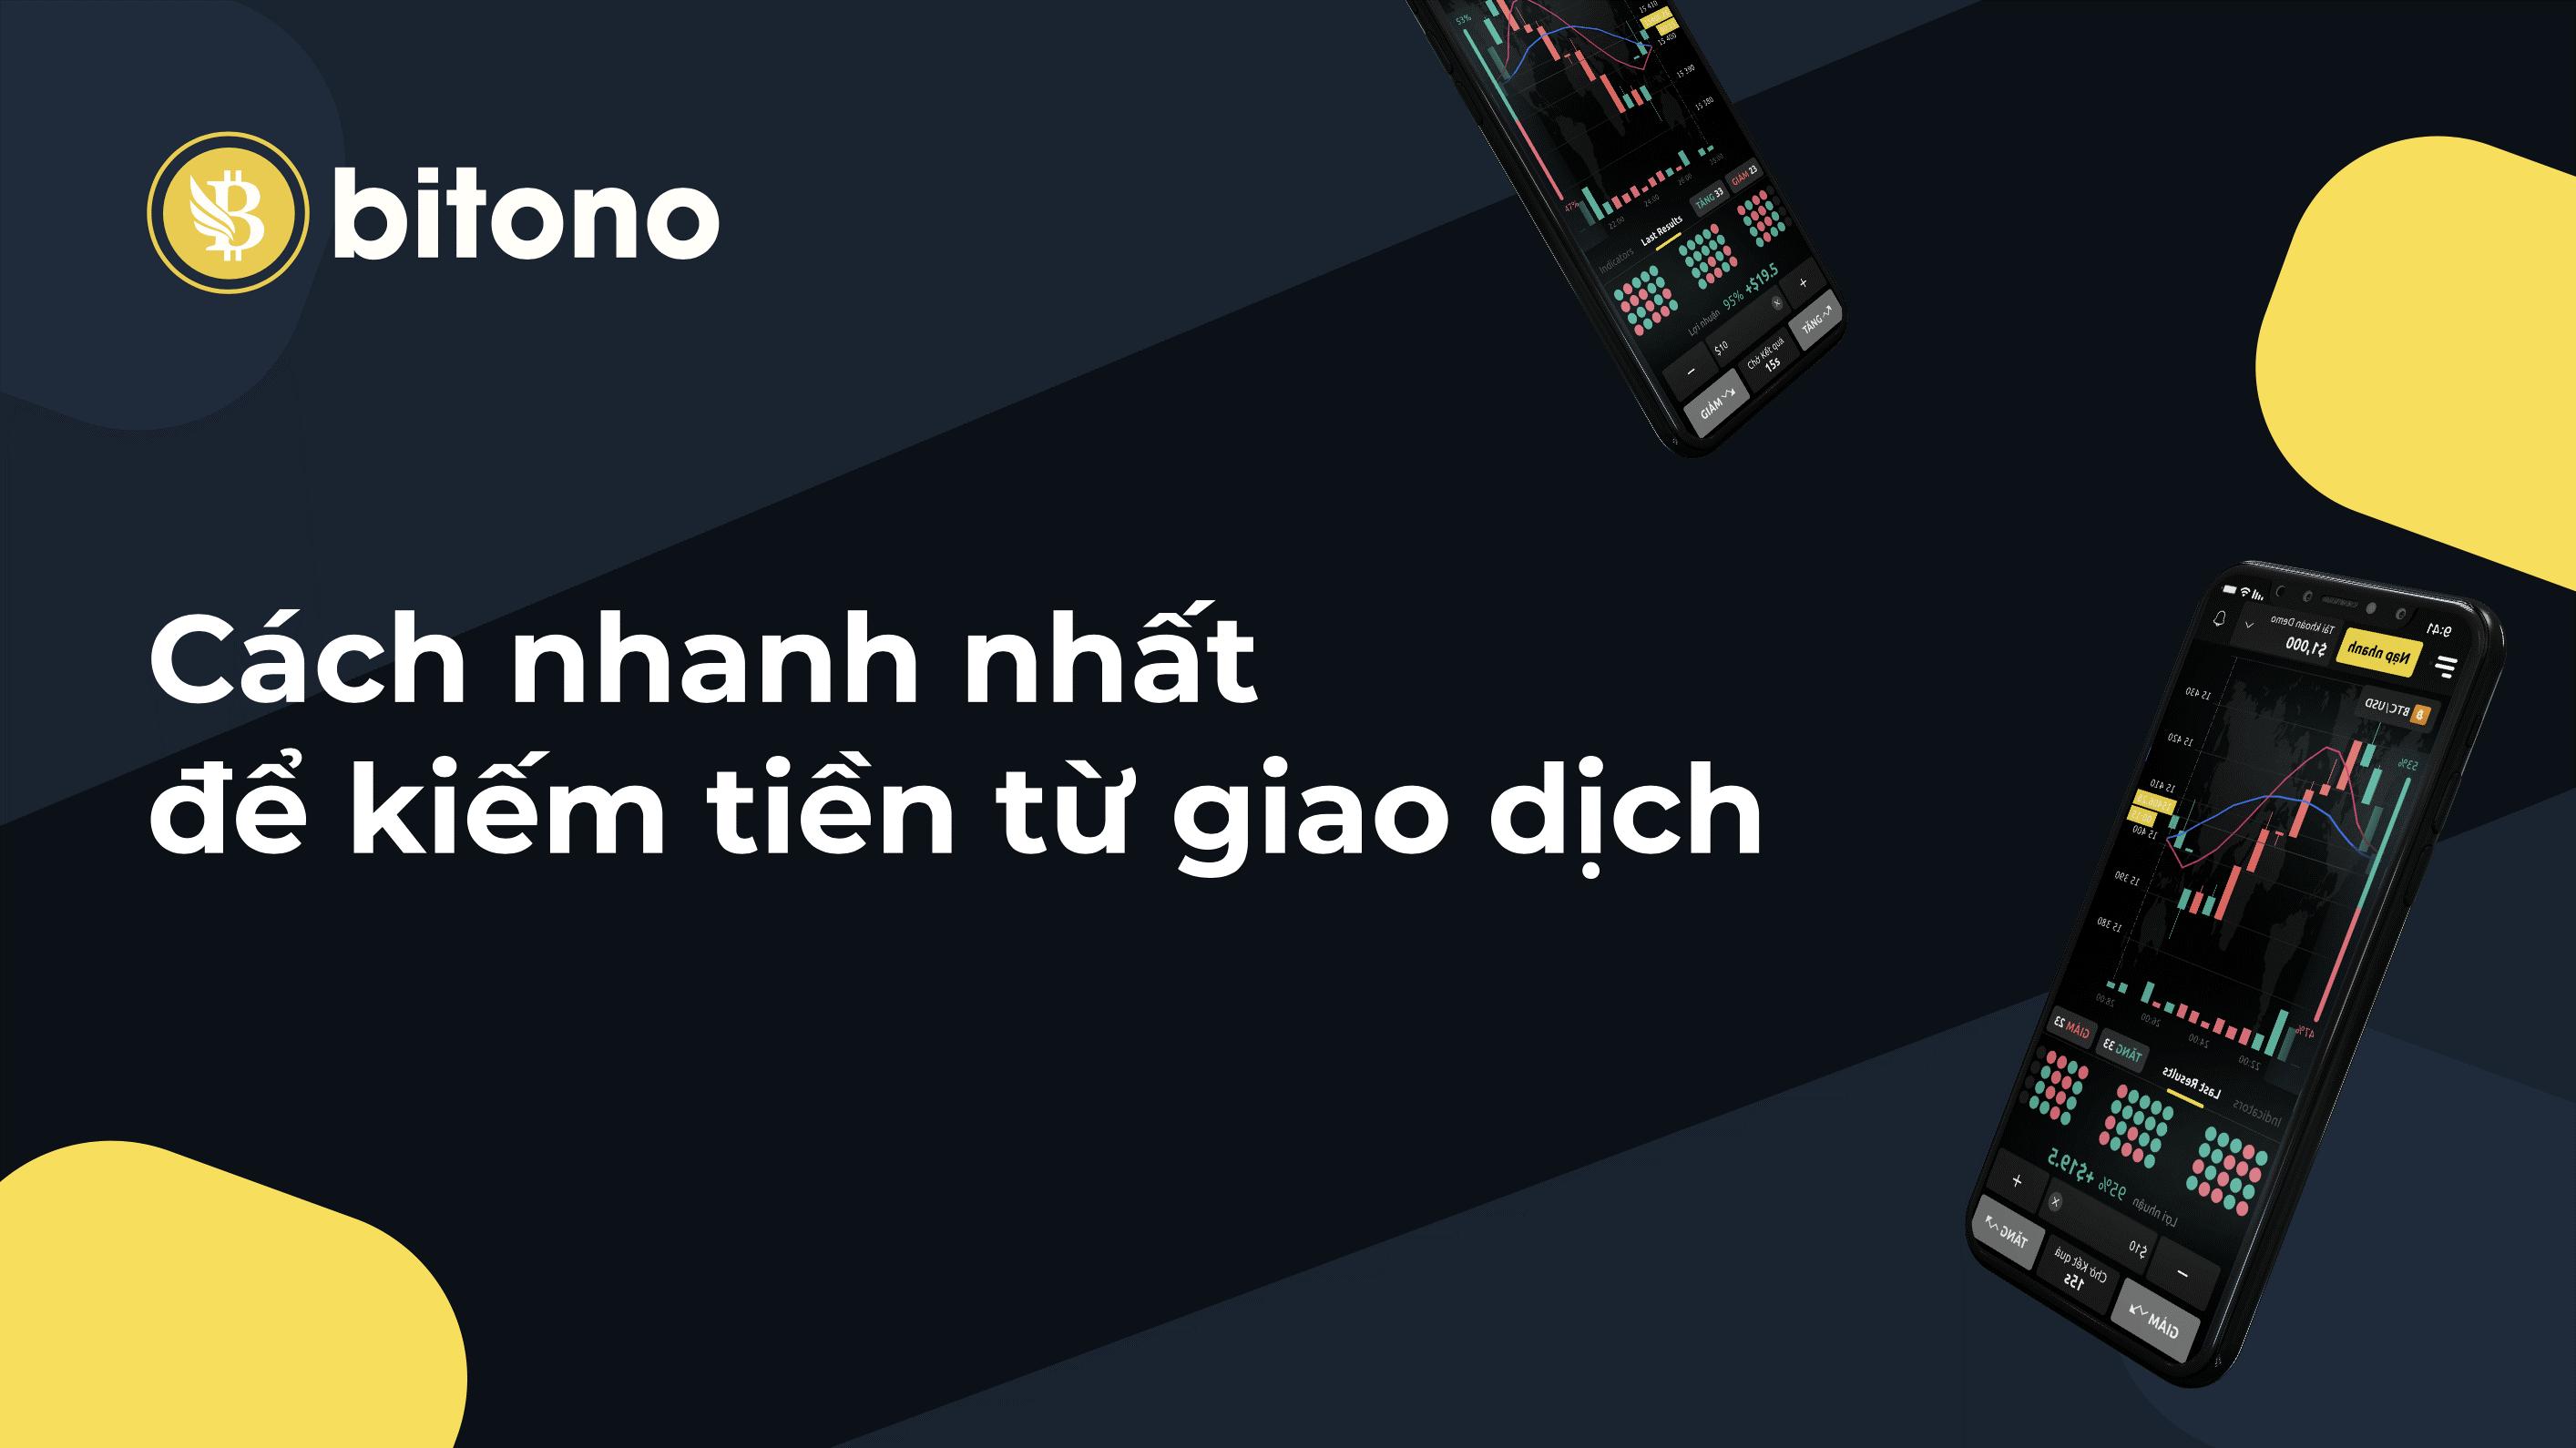 Bitono cho phép người dùng giao dịch đơn giản và dễ dàng